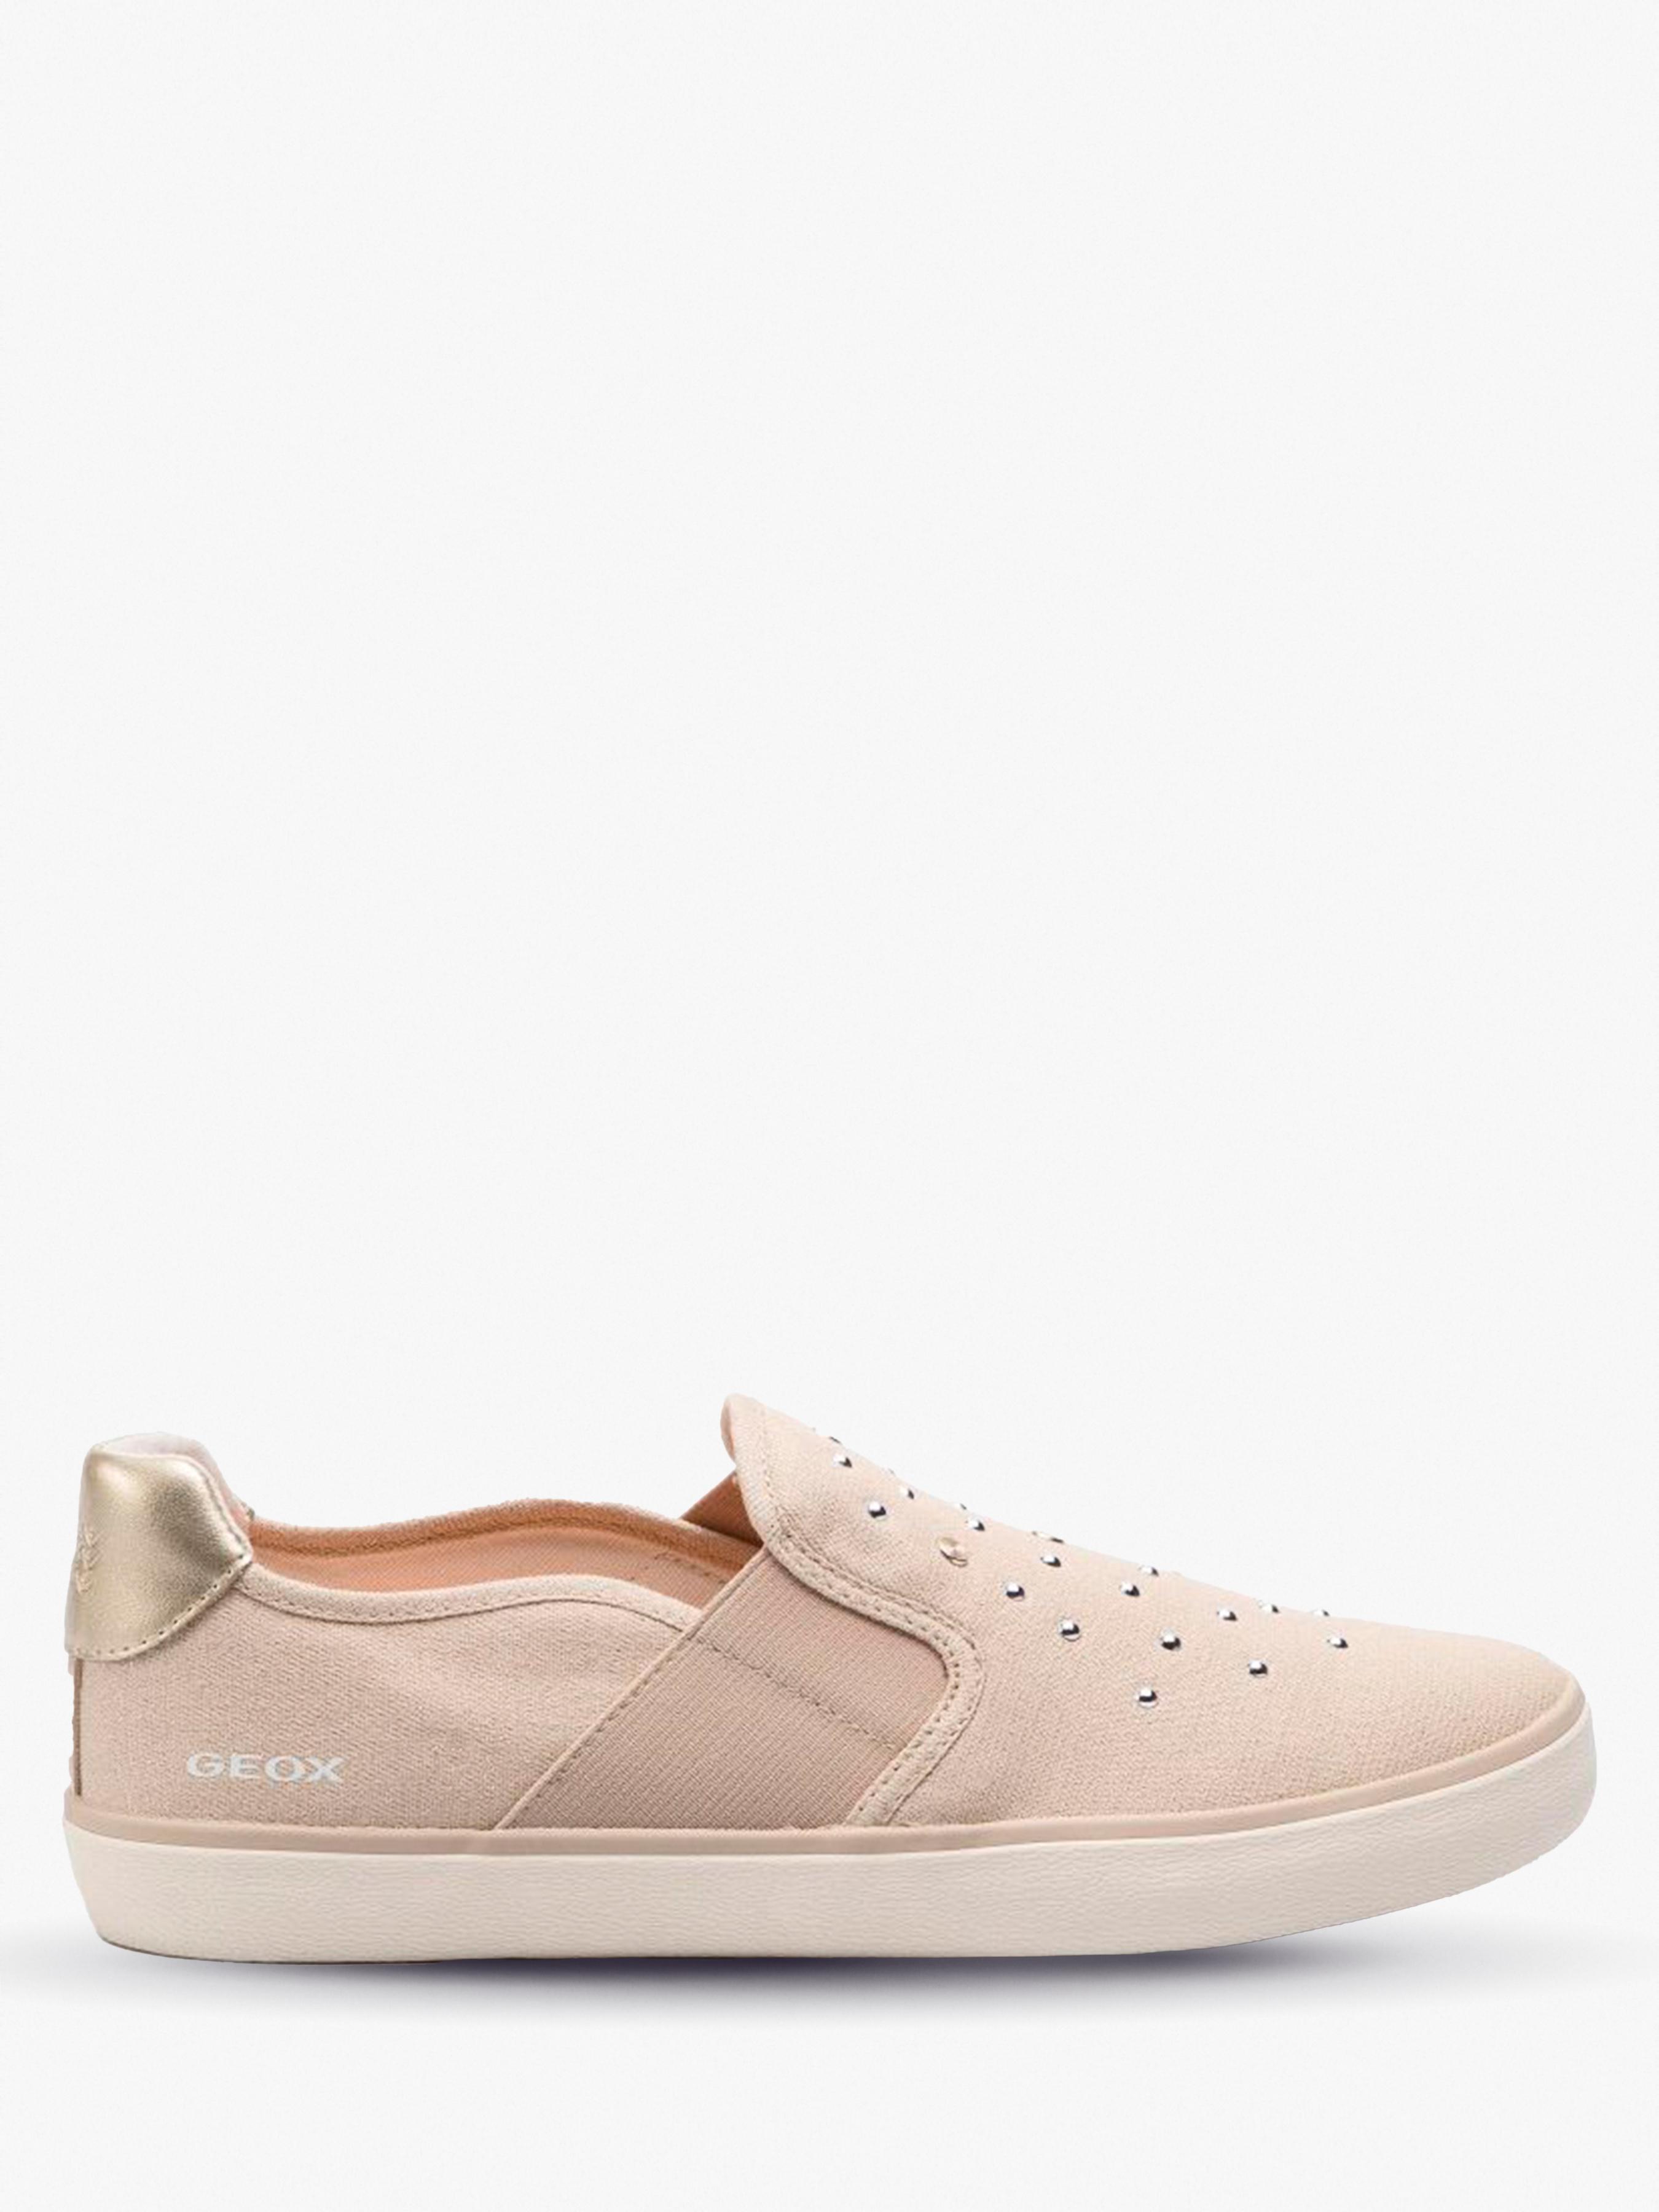 Слипоны детские Geox JR KILWI GIRL XK6113 брендовая обувь, 2017